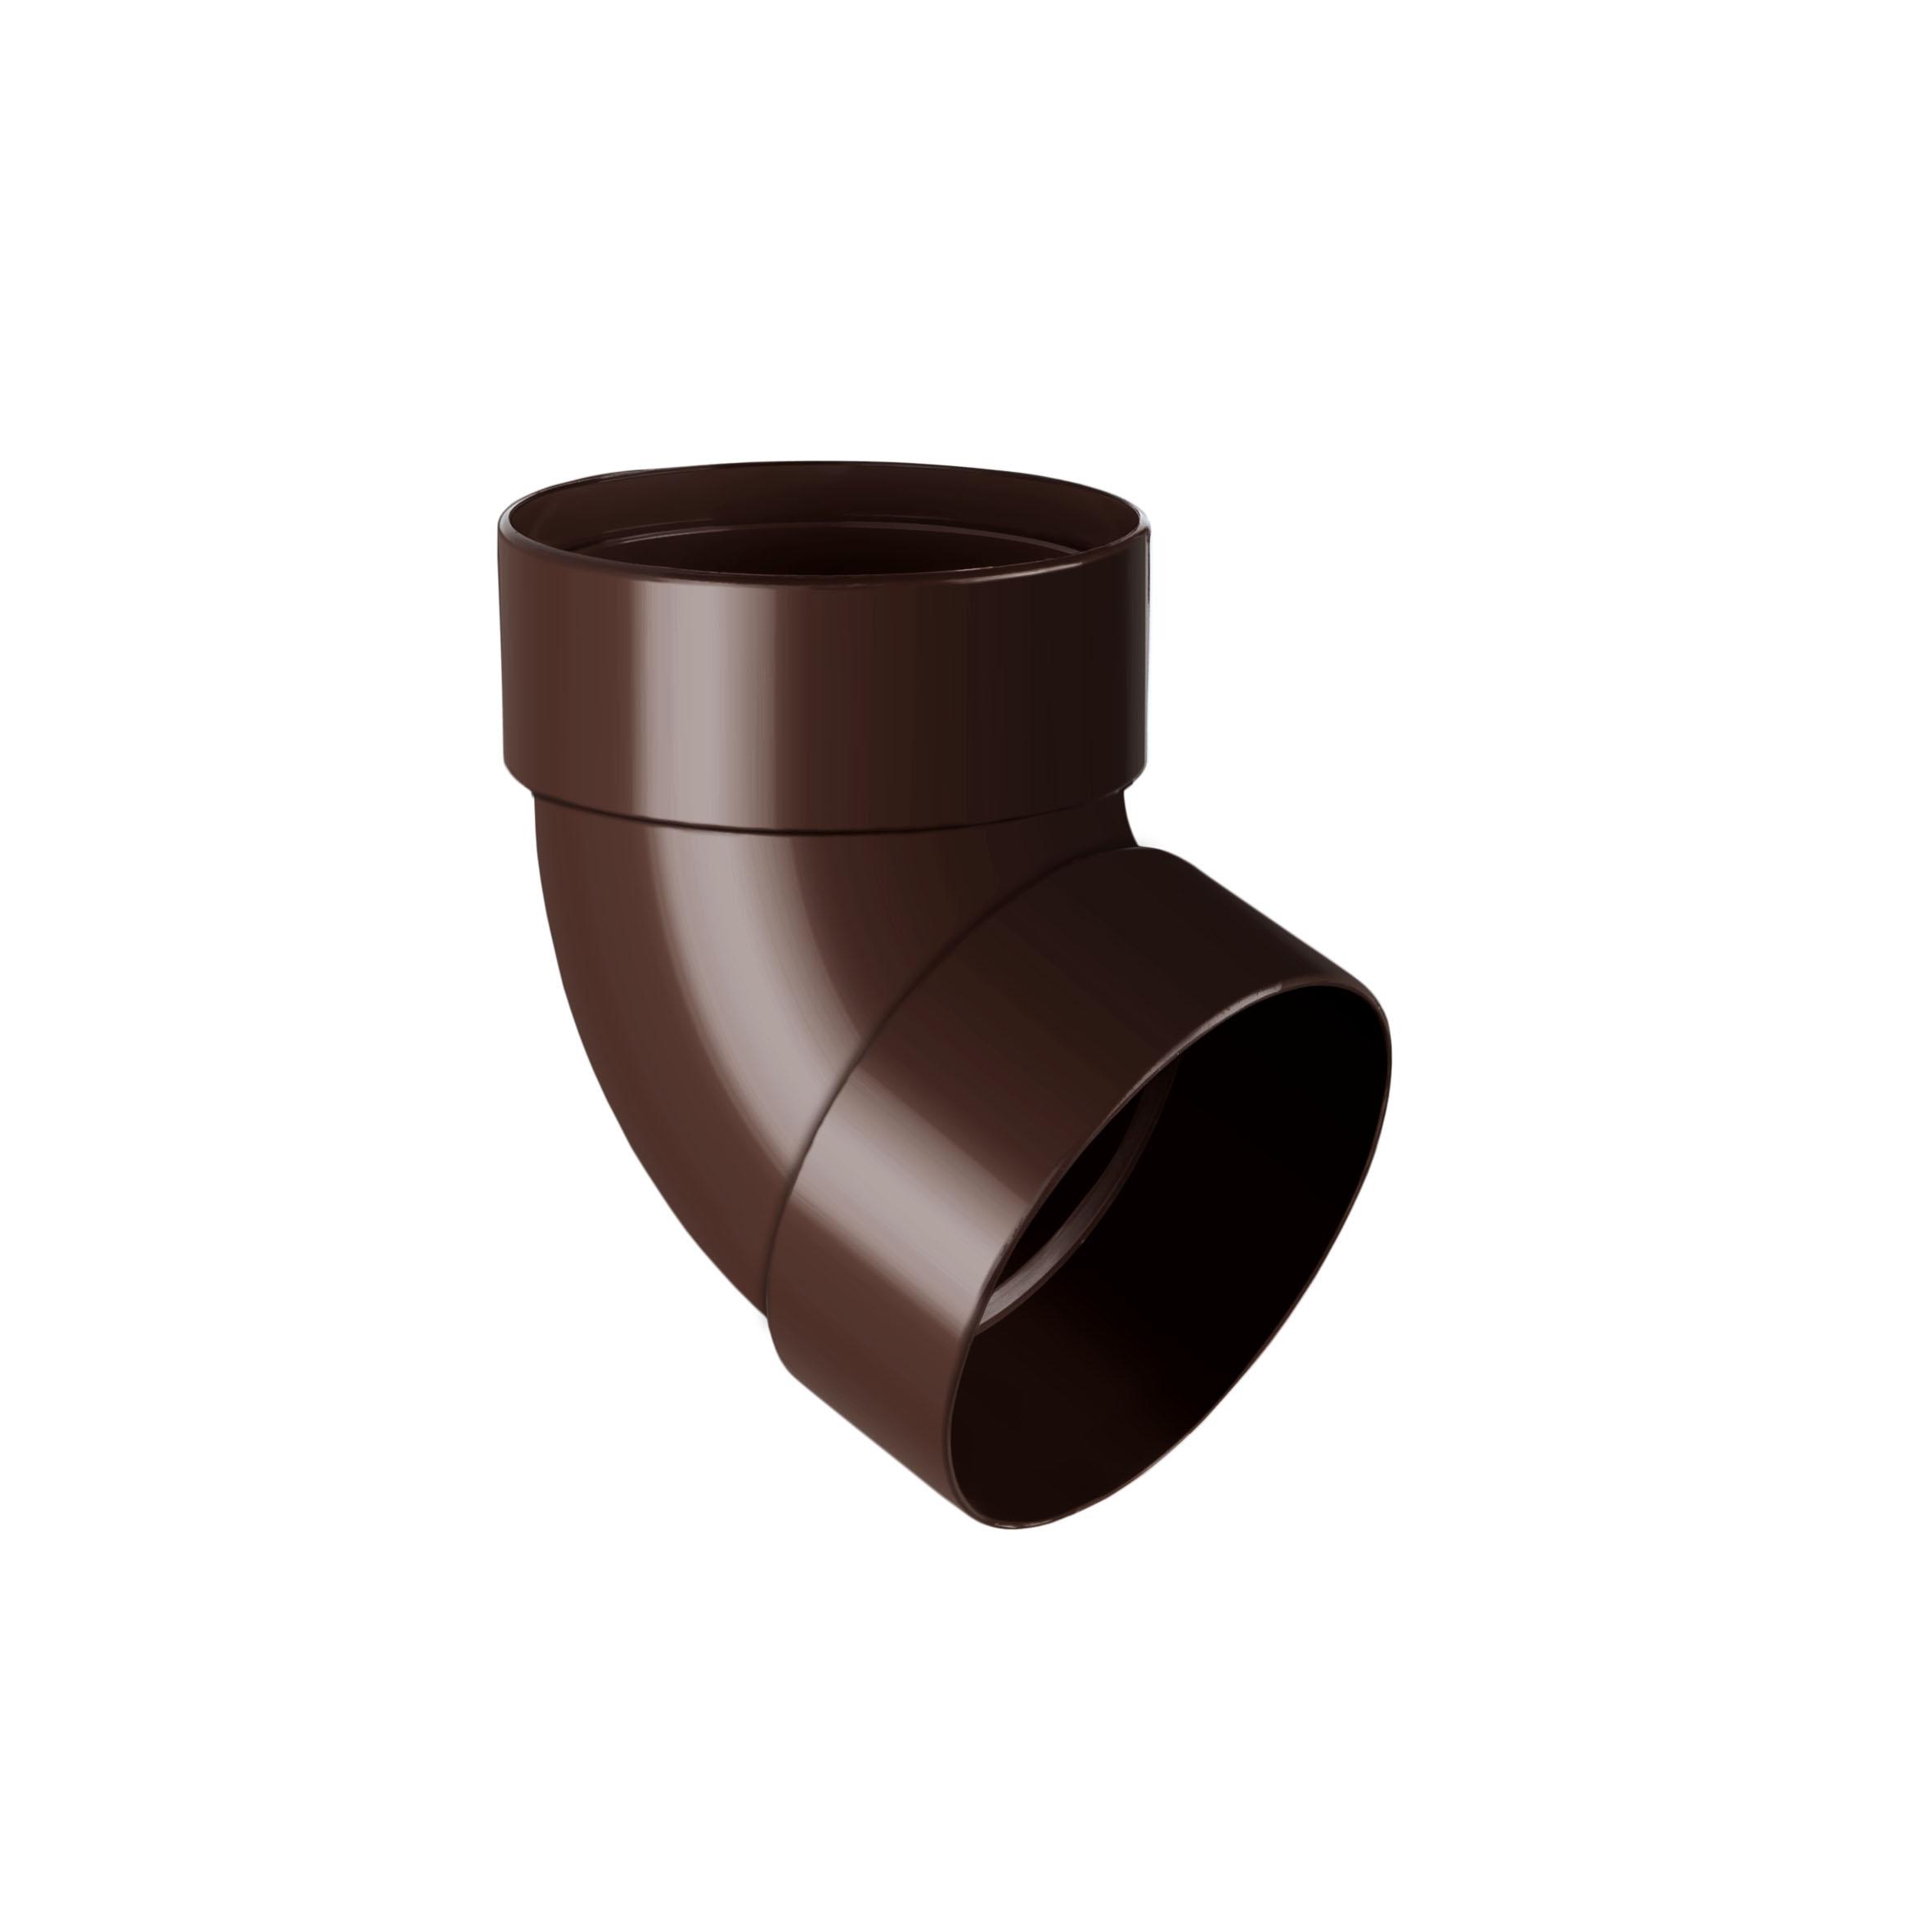 Відвід труби двомуфтовий 67°, коричневий 75мм/Ø RainWay